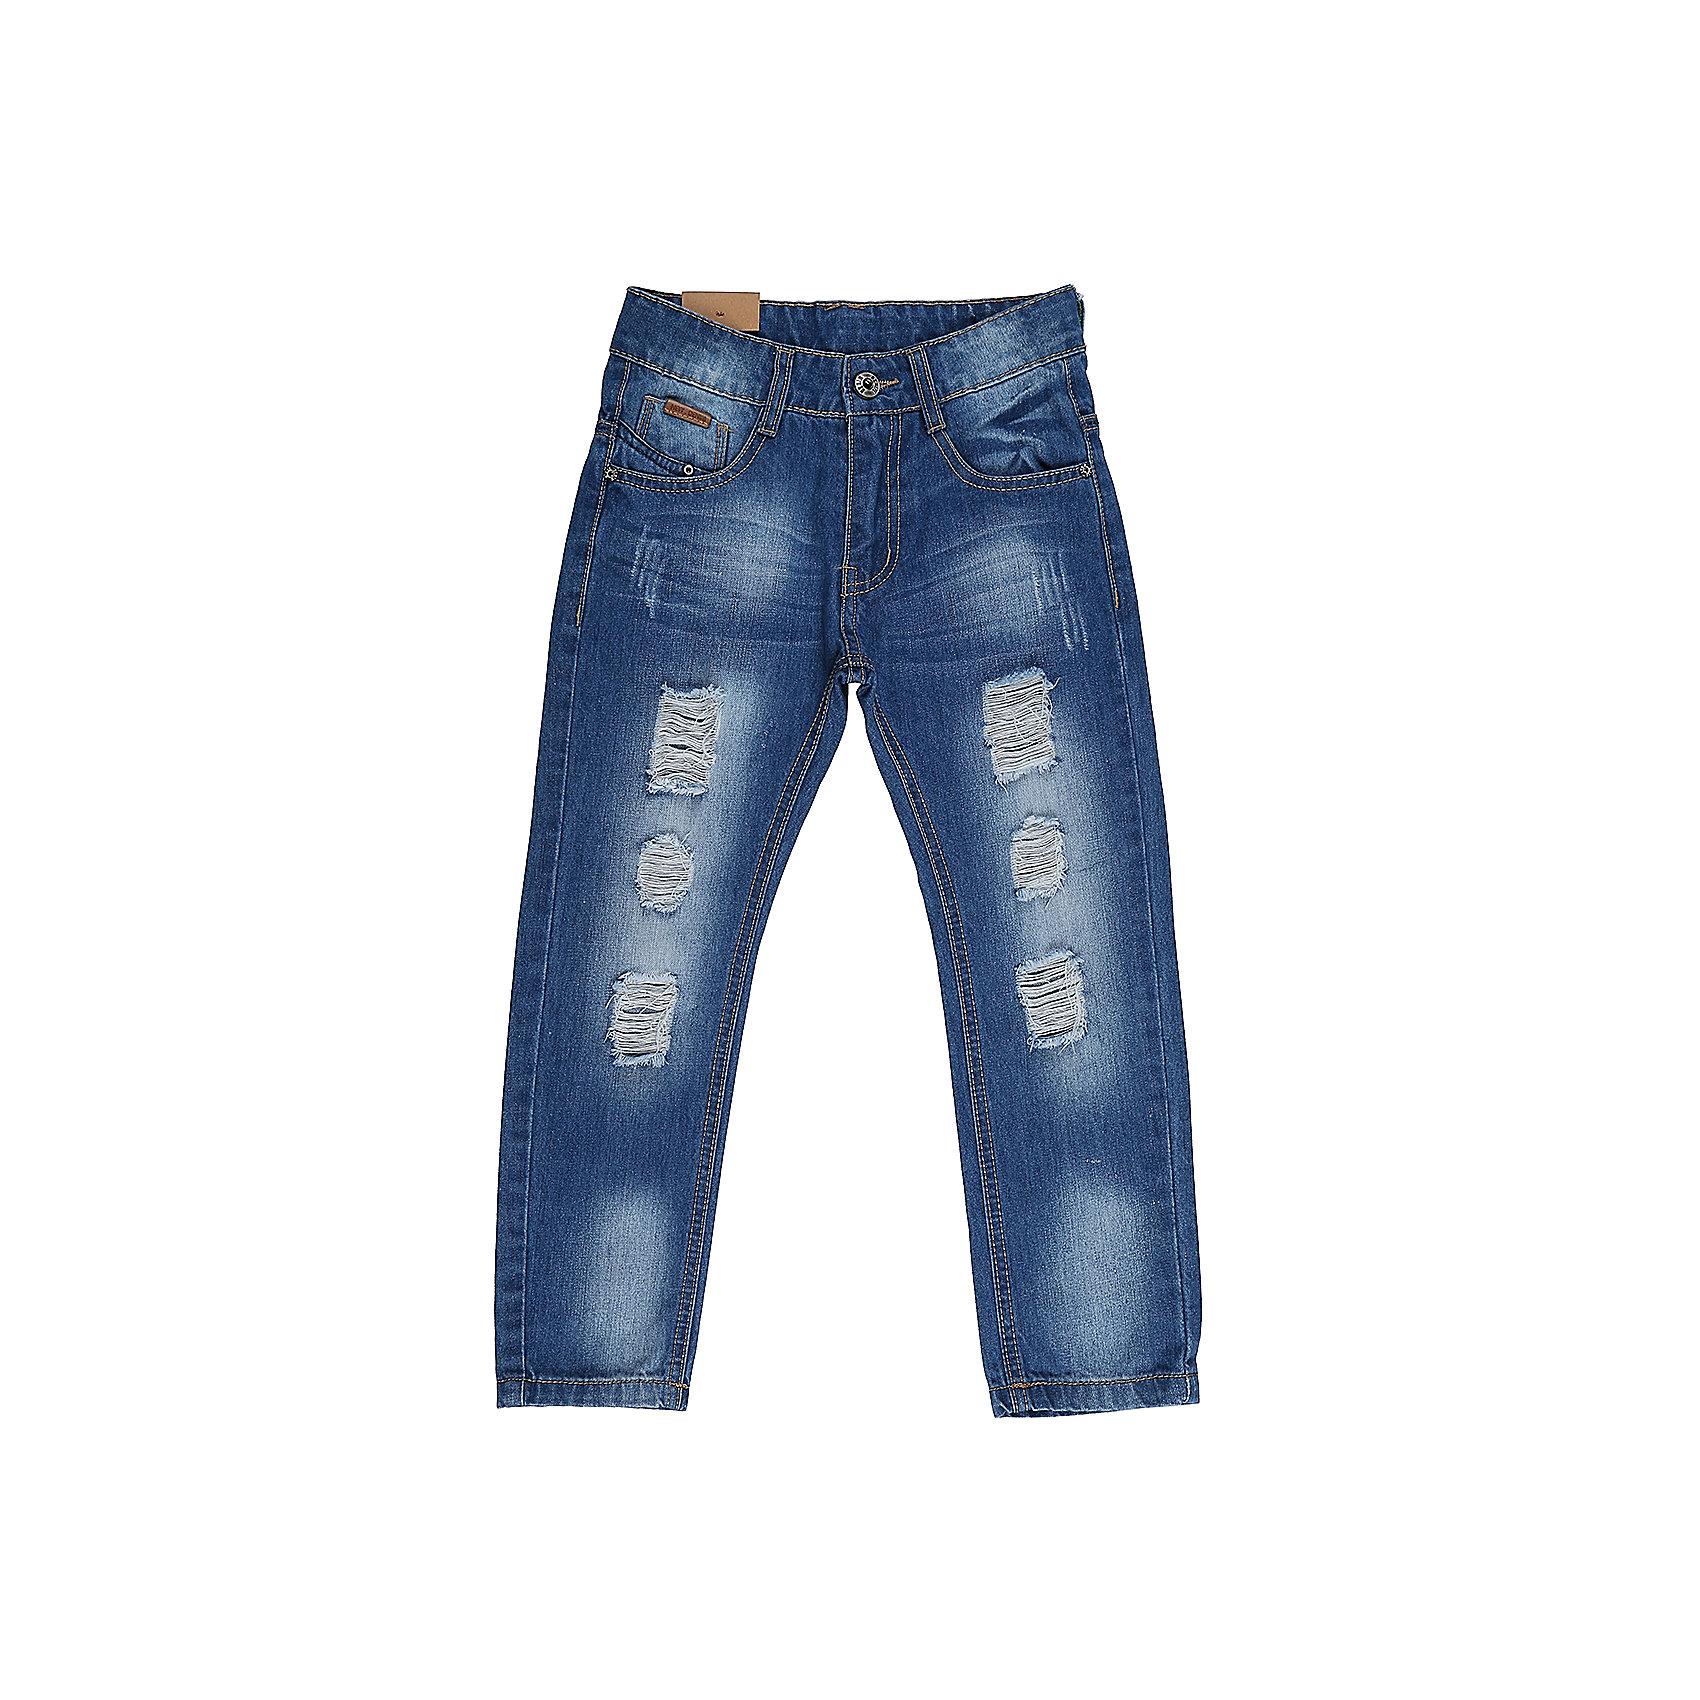 Джинсы для мальчика Sweet BerryДжинсовая одежда<br>Джинсы  для мальчика с оригинальной варкой. Декорированы  потертости и эффектом рваной джинсы. Зауженный крой, средняя посадка. Застегиваются на молнию и пуговицу. Шлевки на поясе рассчитаны под ремень. В боковой части пояса находятся вшитые эластичные ленты, регулирующие посадку по талии.<br>Состав:<br>100%хлопок<br><br>Ширина мм: 215<br>Глубина мм: 88<br>Высота мм: 191<br>Вес г: 336<br>Цвет: синий<br>Возраст от месяцев: 36<br>Возраст до месяцев: 48<br>Пол: Мужской<br>Возраст: Детский<br>Размер: 104,110,98,116,122,128<br>SKU: 5412934